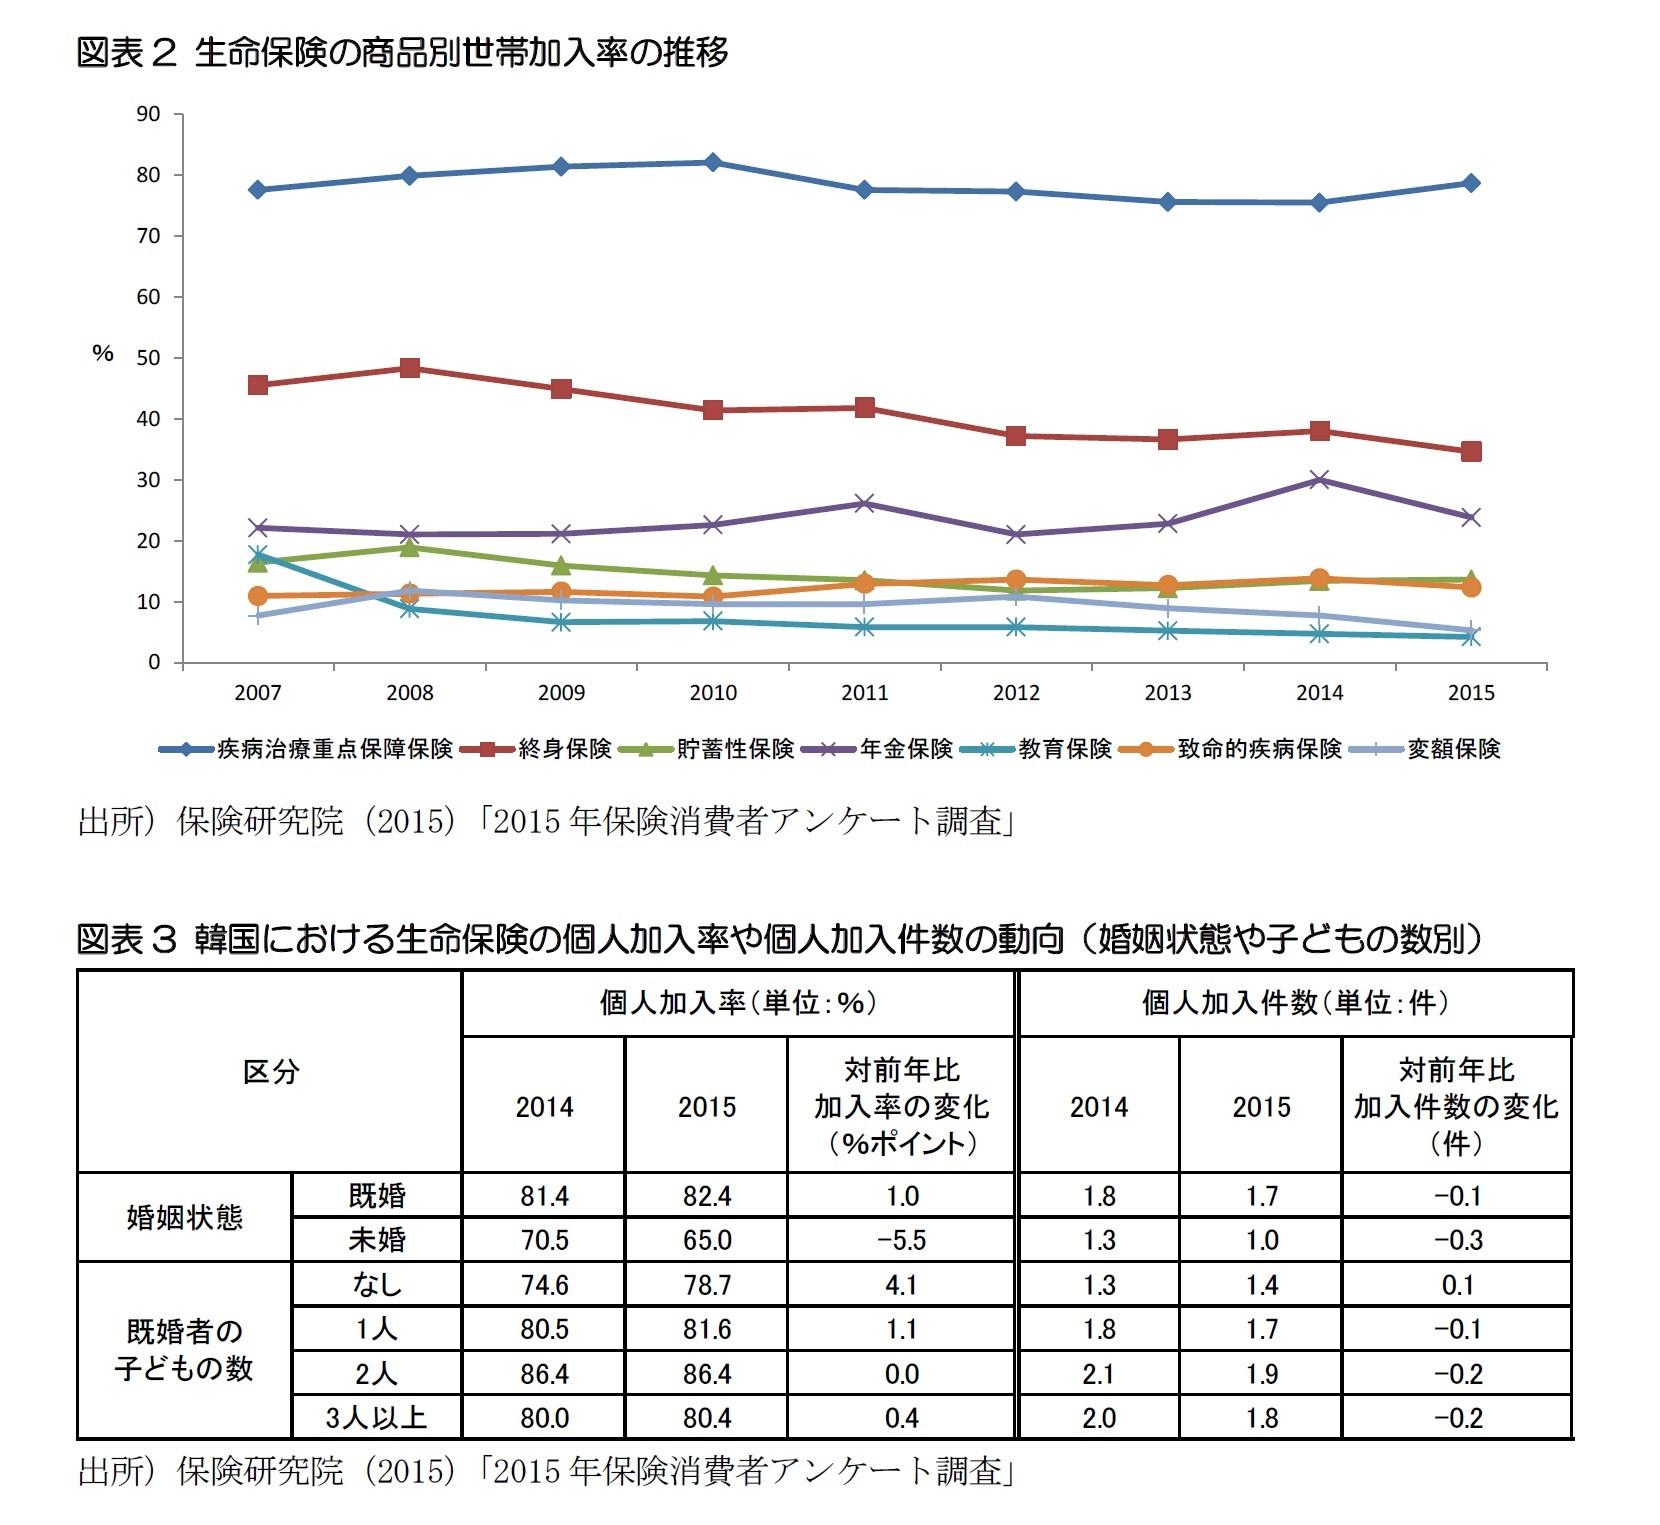 図表2 生命保険の商品別世帯加入率の推移/図表3 韓国における生命保険の個人加入率や個人加入件数の動向(婚姻状態や子どもの数別)